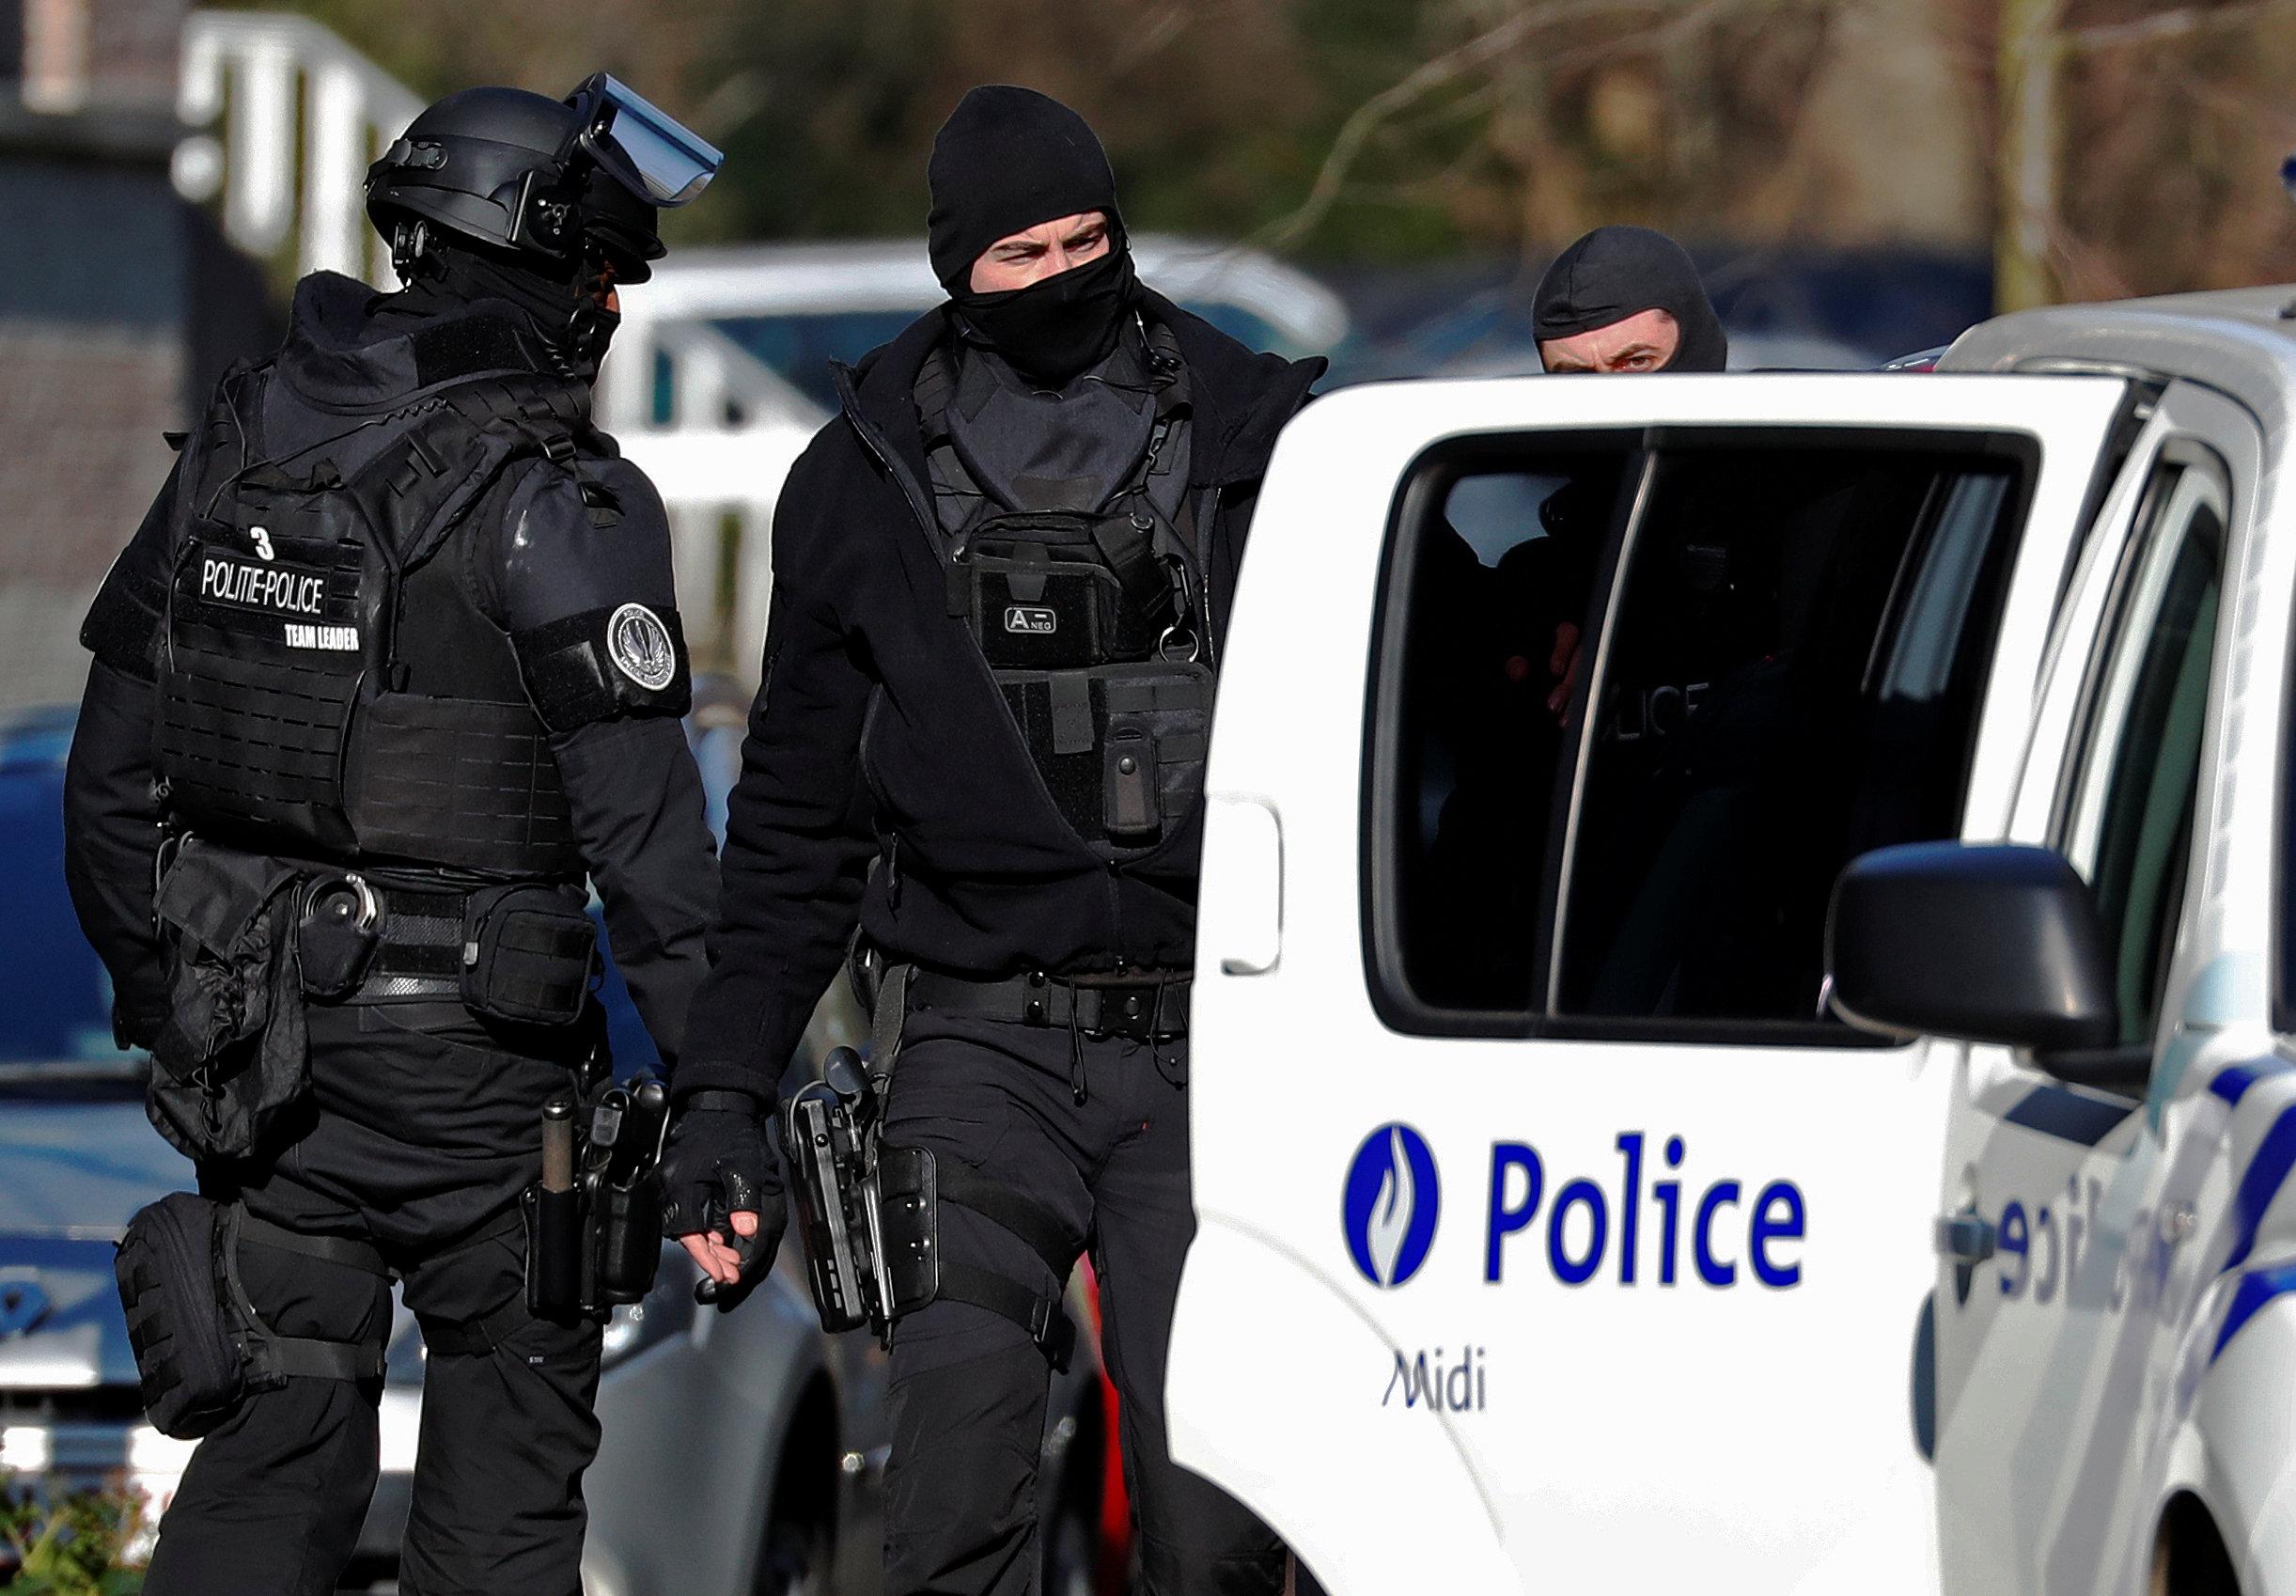 Βέλγιο : Τρεις νεκροί από επίθεση με μαχαίρι σε εστιατόριο | tovima.gr